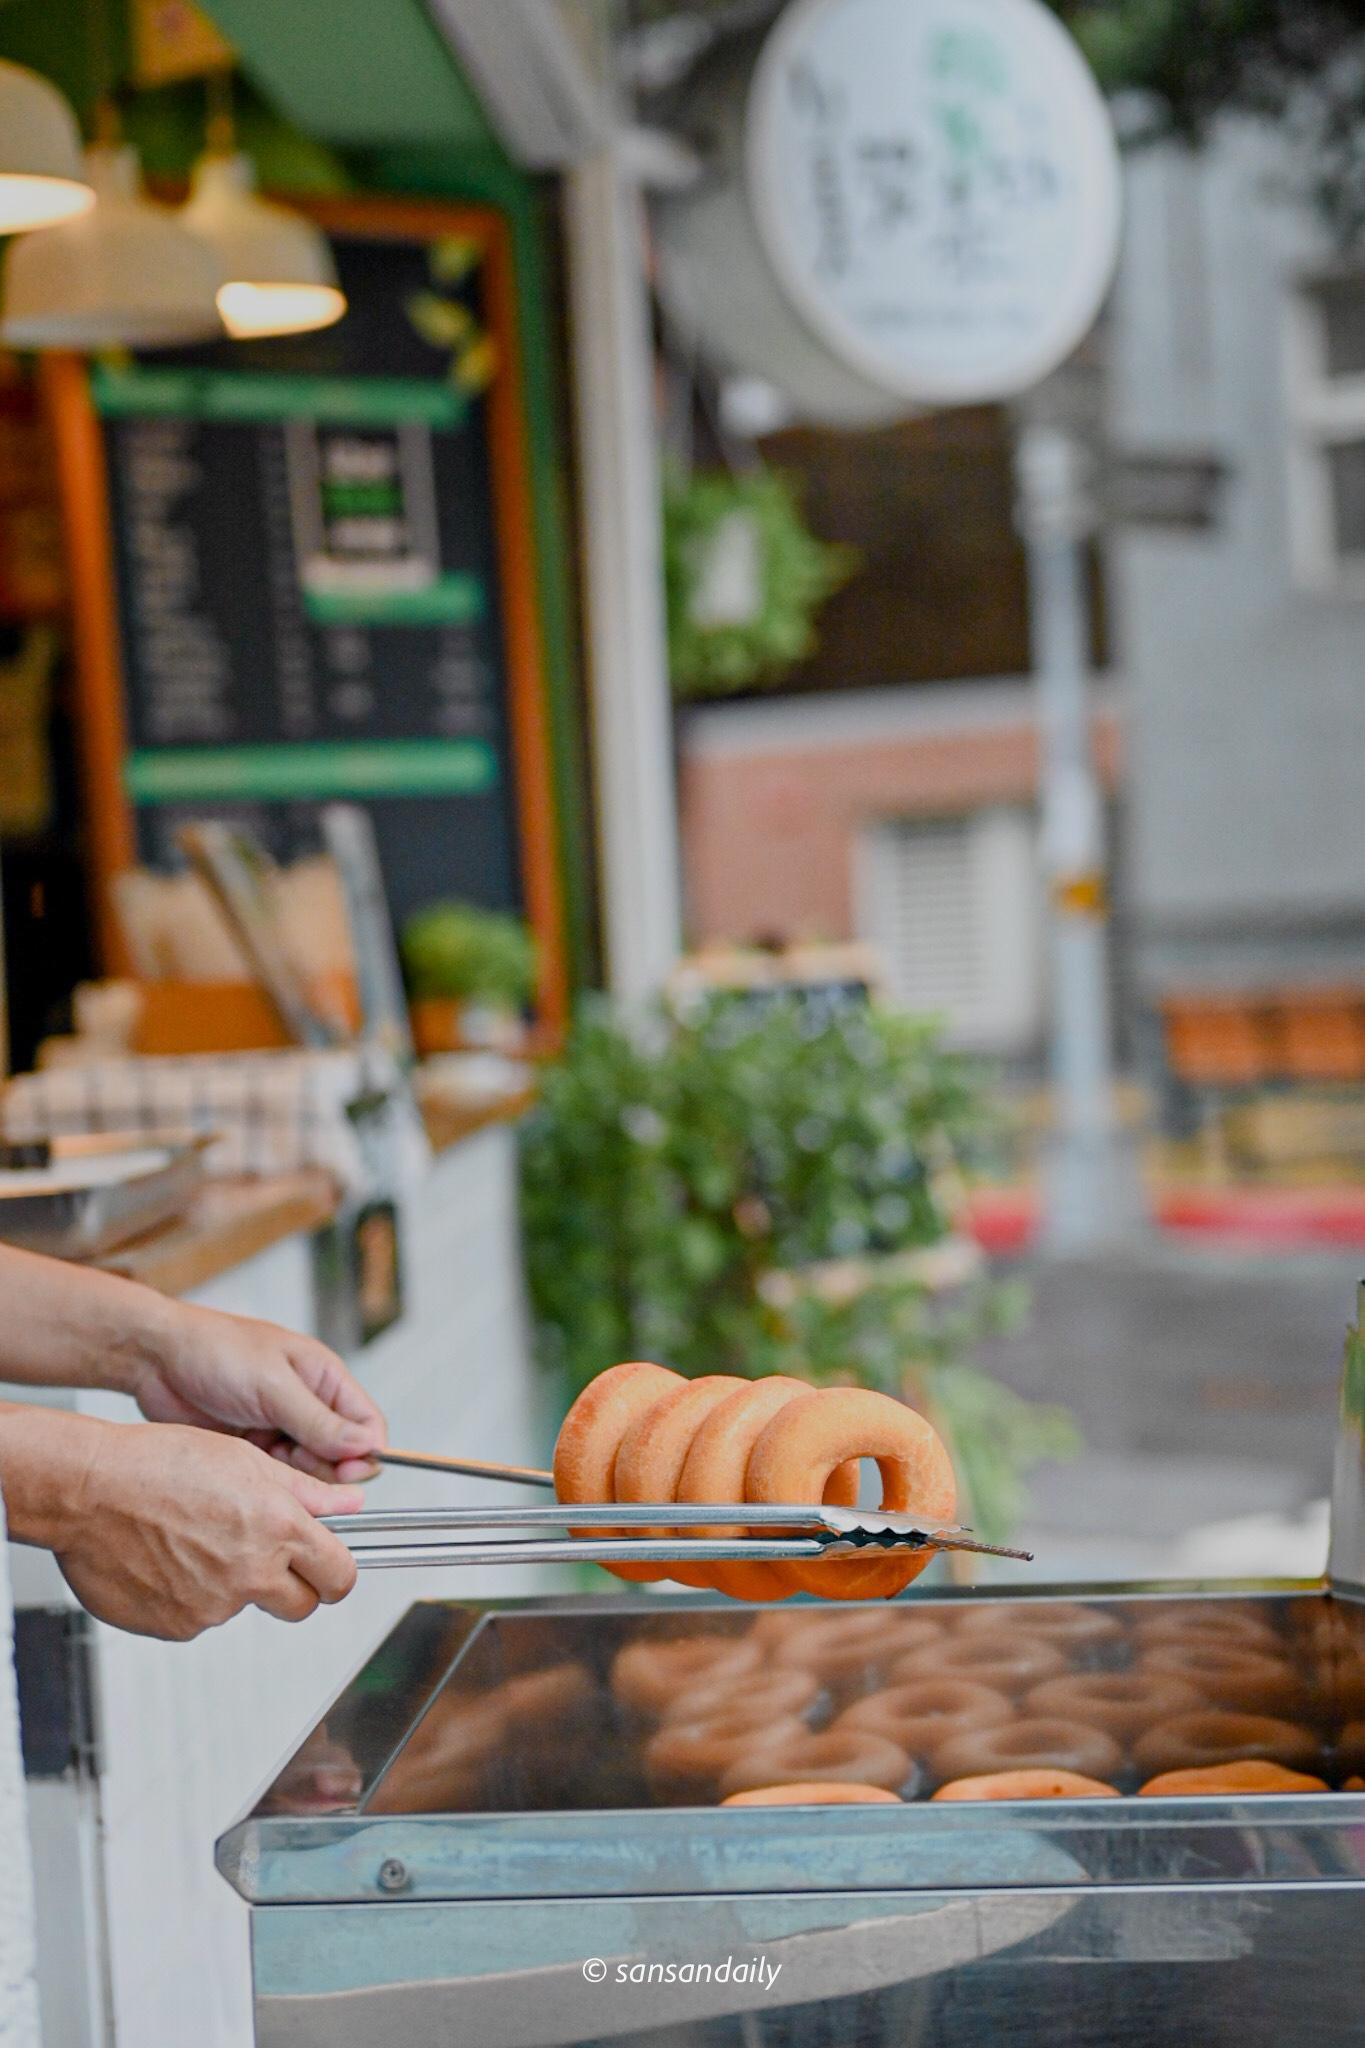 美濃泰涼 台北在地美食 小米甜甜圈